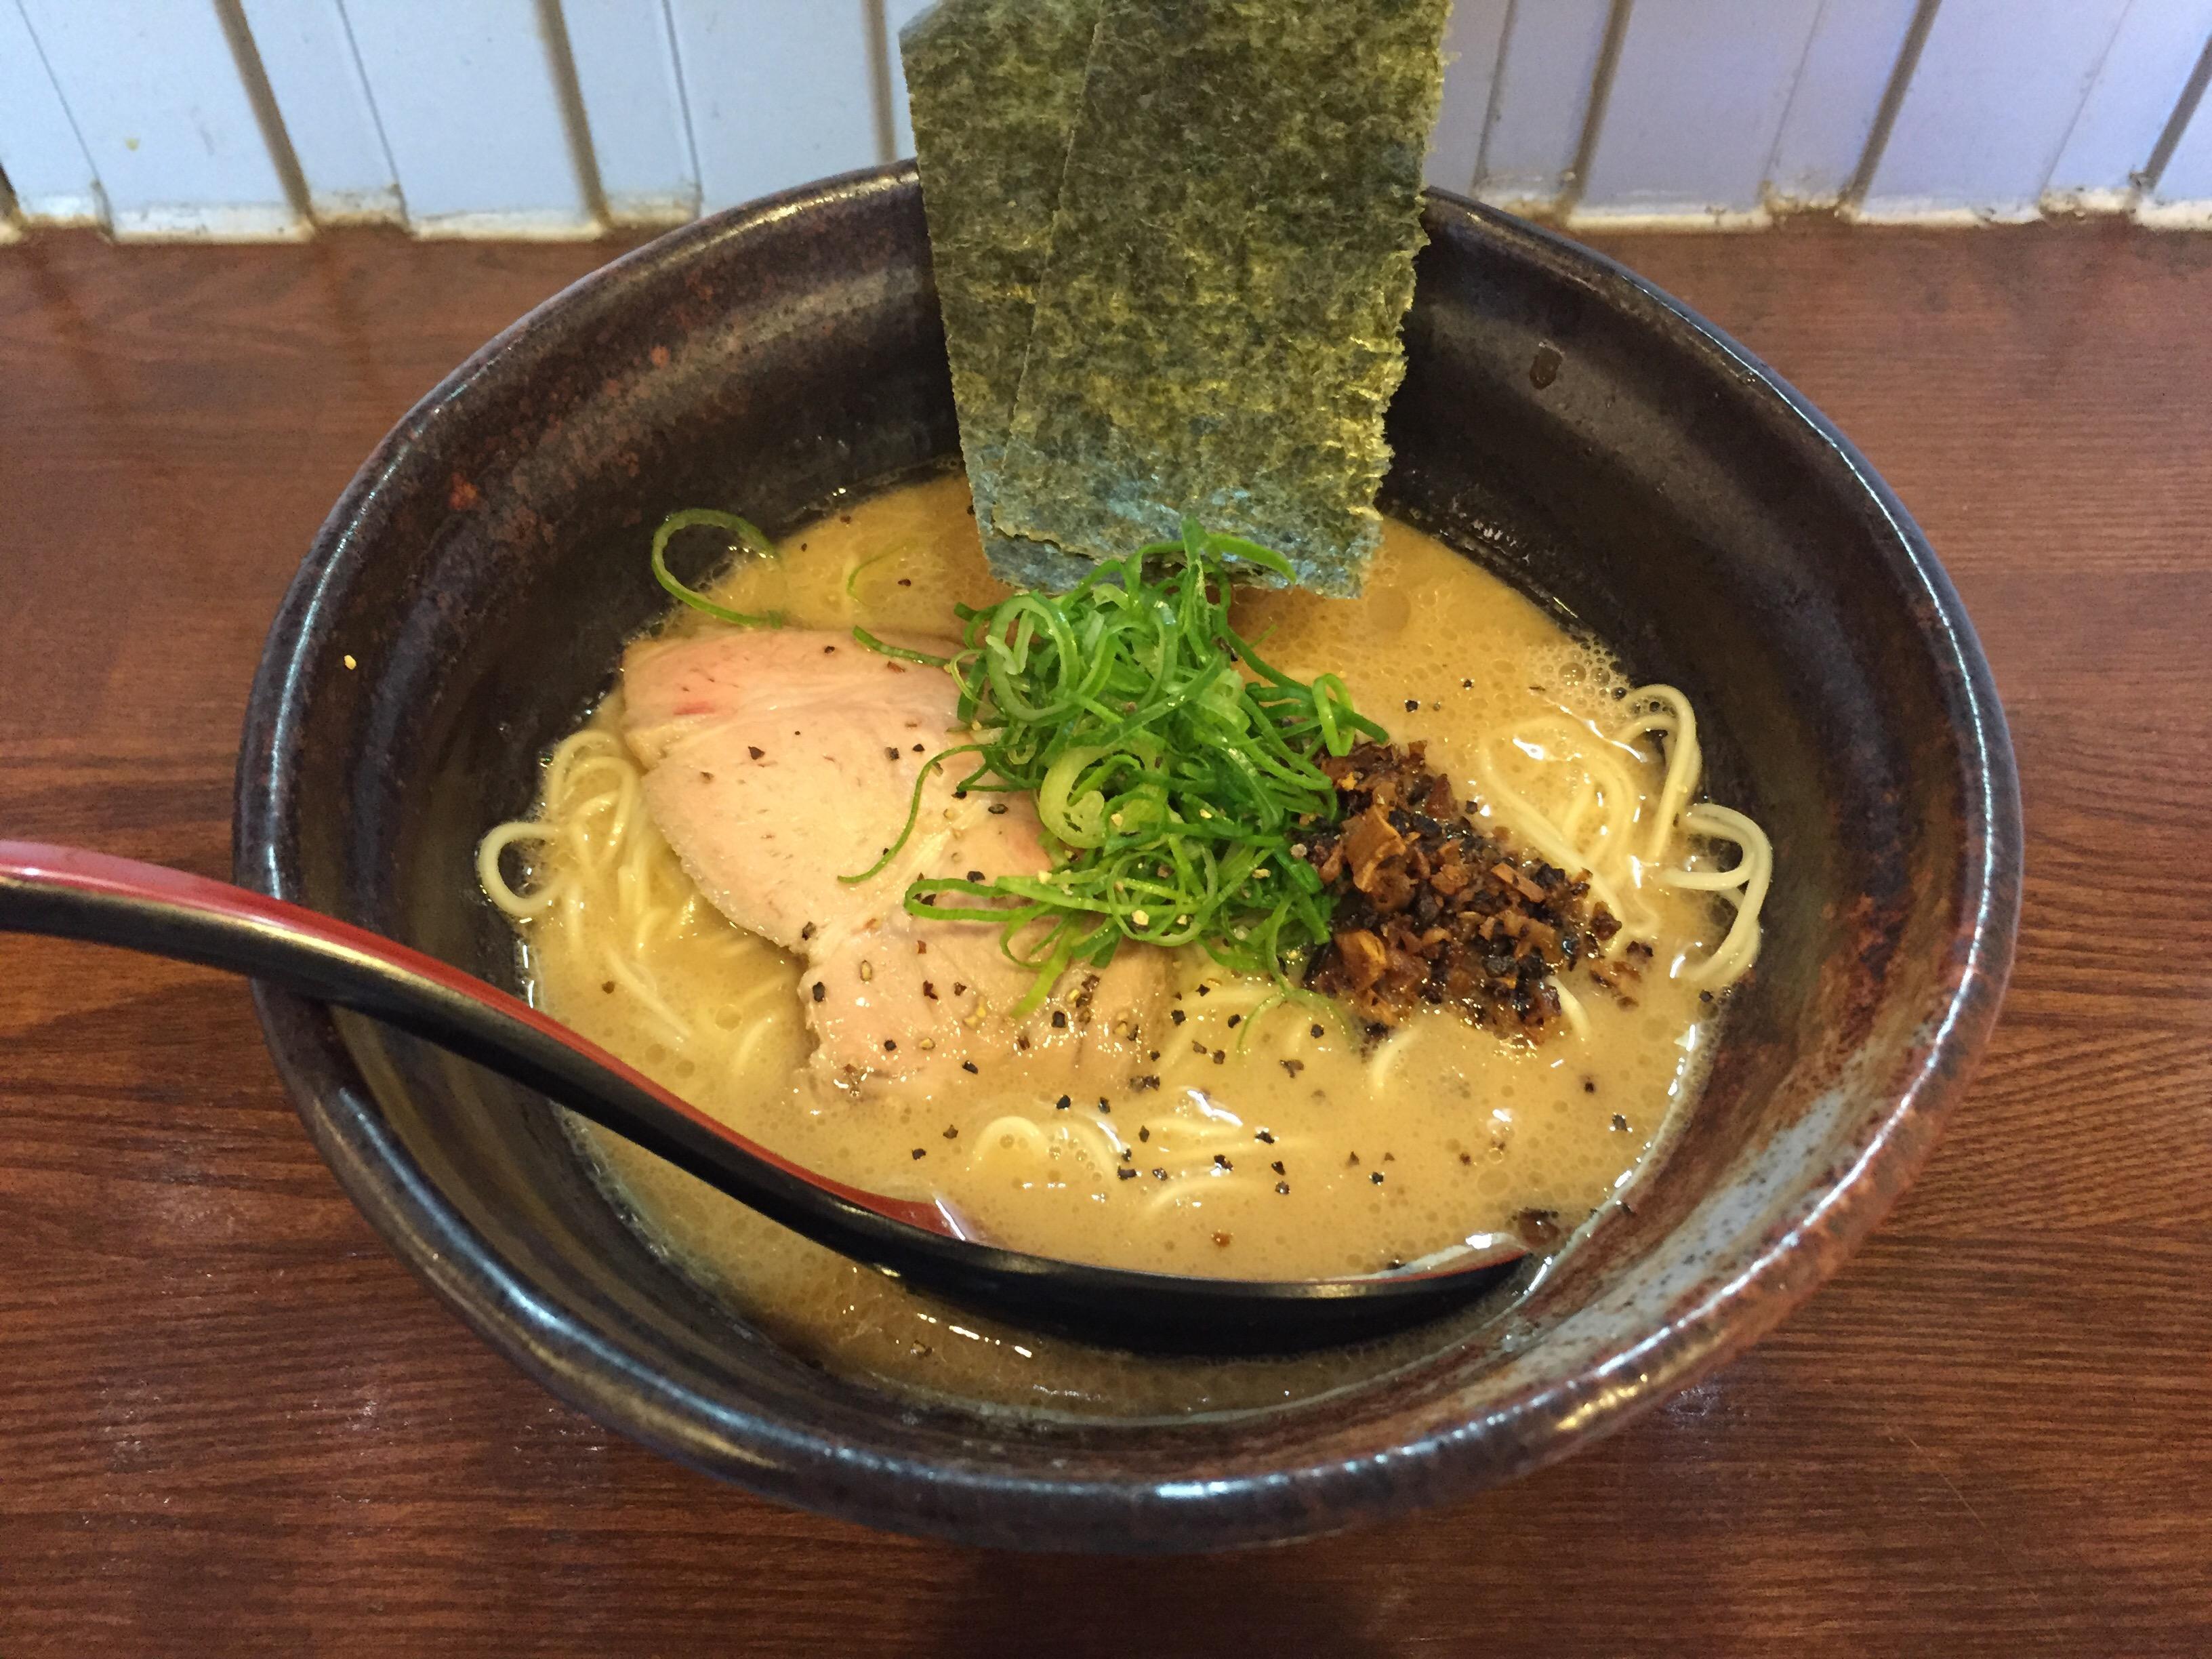 蒲田「麺場ながれぼし」 クセになるキノコ豚骨ラーメンは濃厚コク旨!